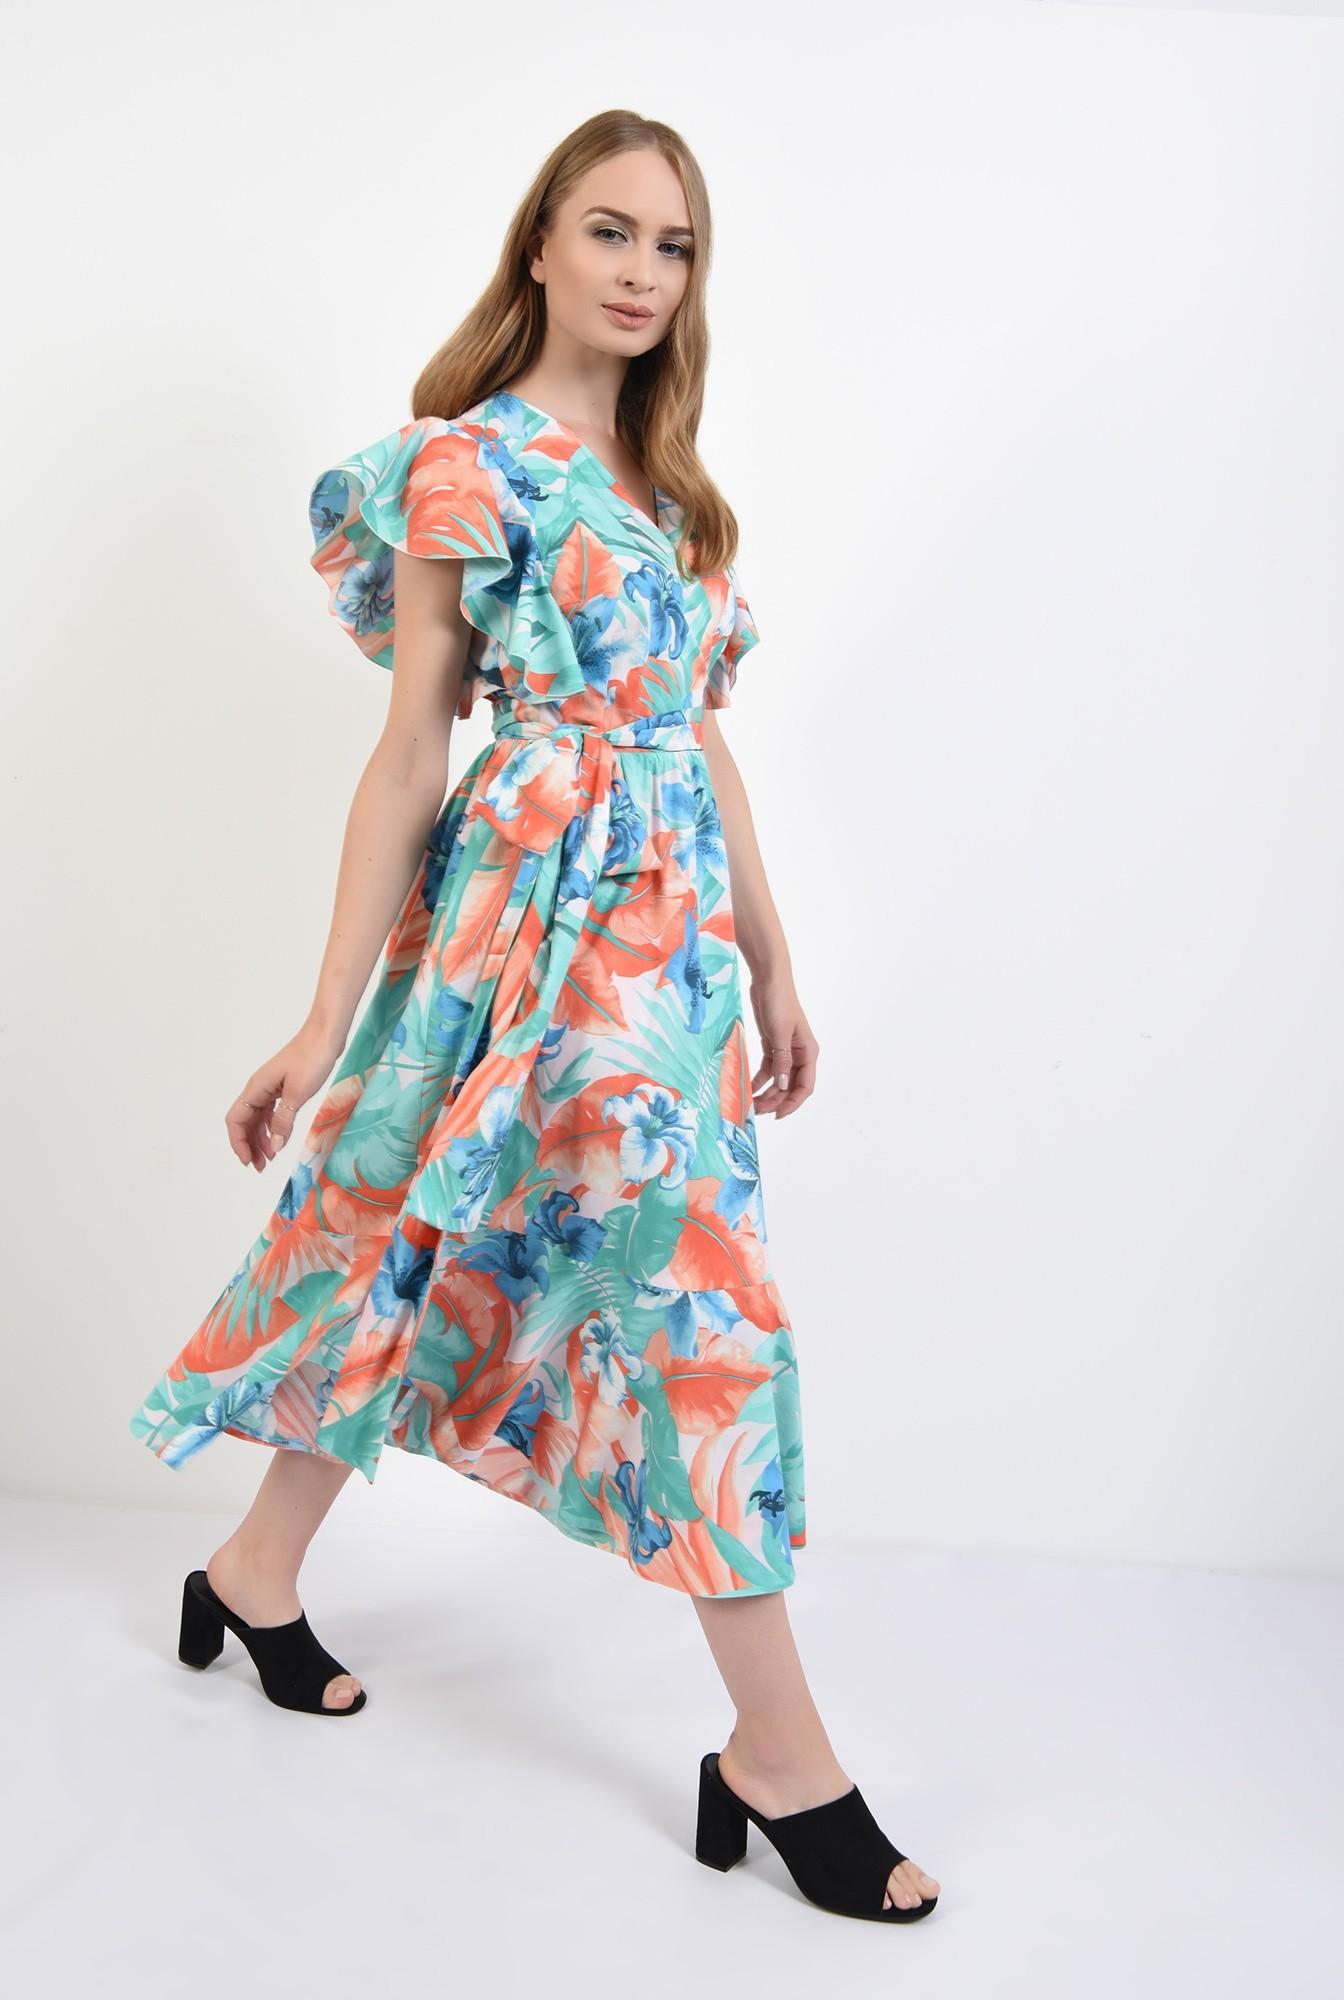 0 - 360 - rochie midi, petrecuta, cu imprimeu floral, Poema